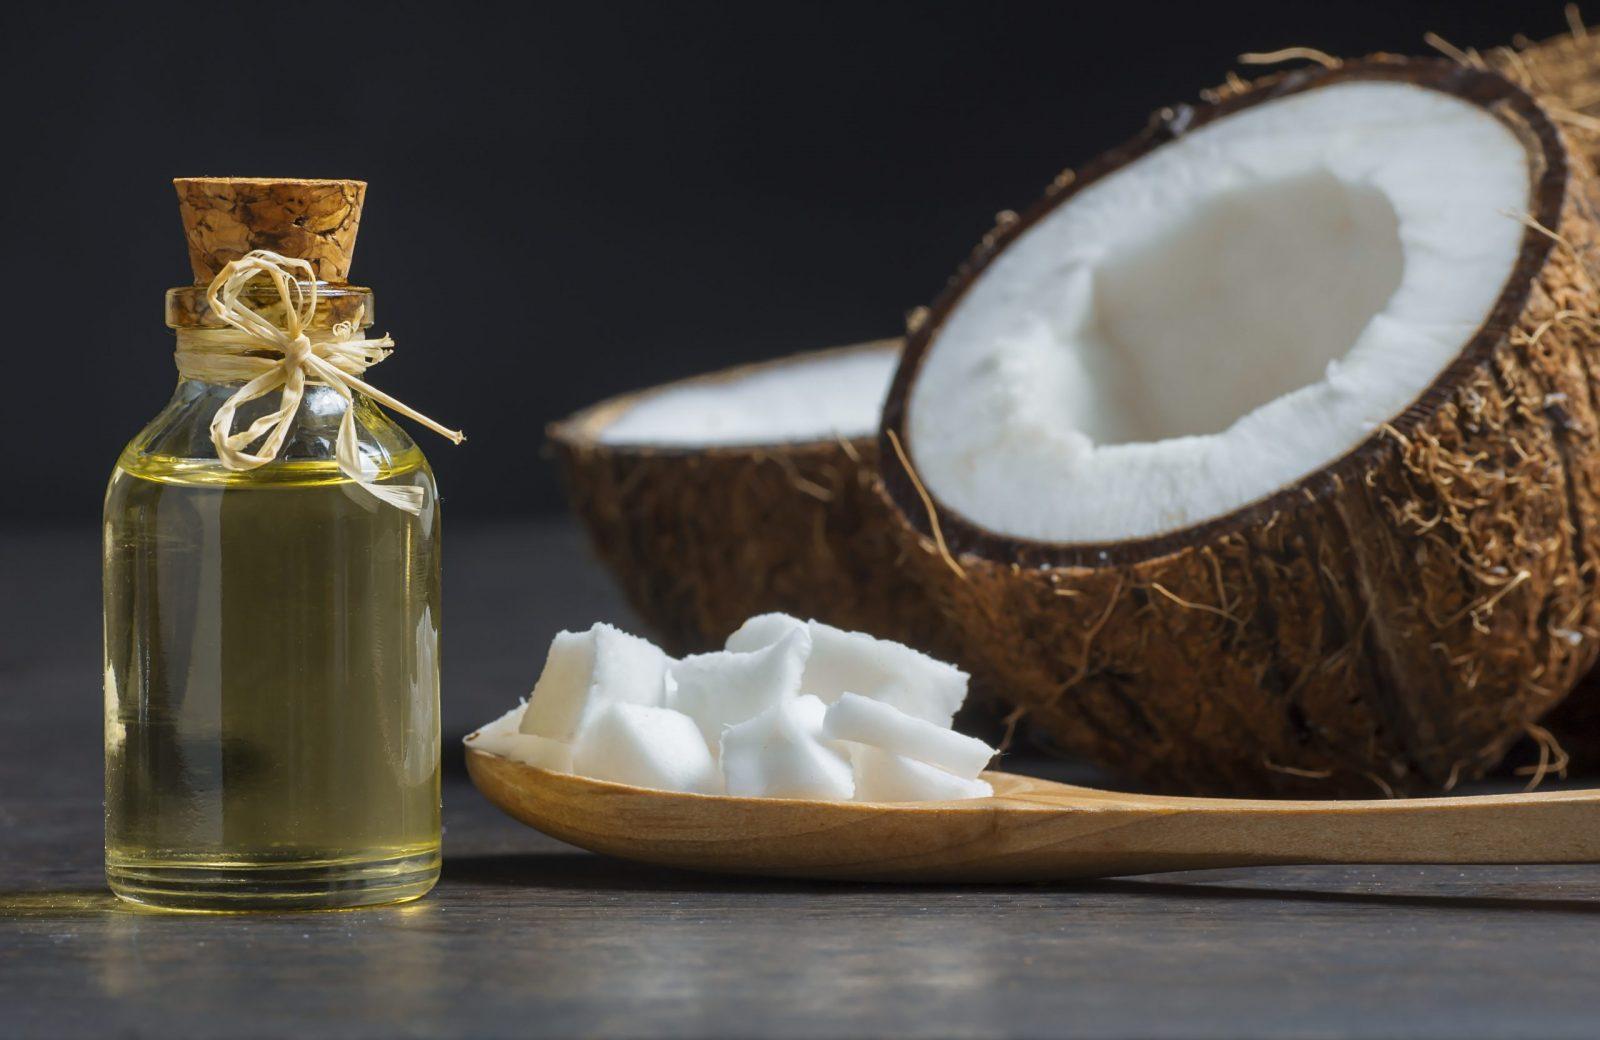 Welches Ist Das Beste Kokosöl